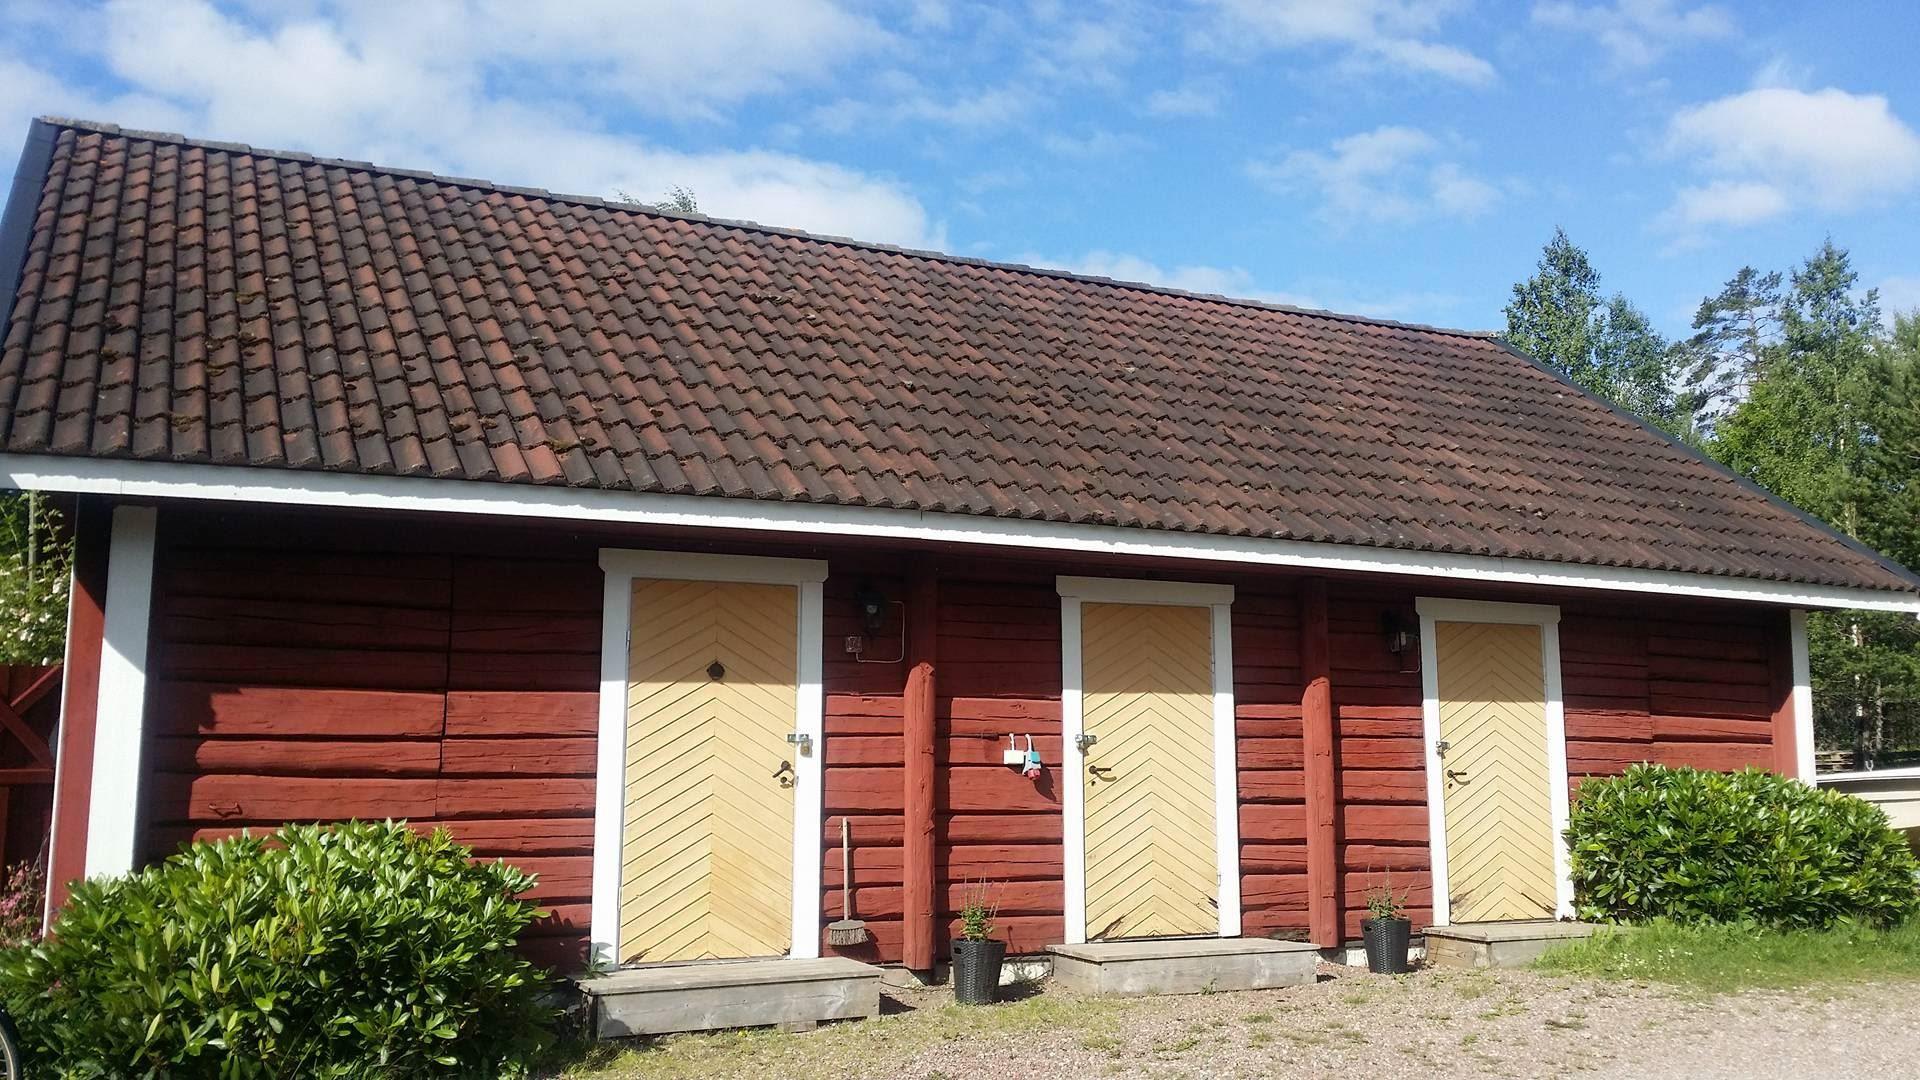 S5703 Privatunterkunft in Skrängstabodarna, Njurunda